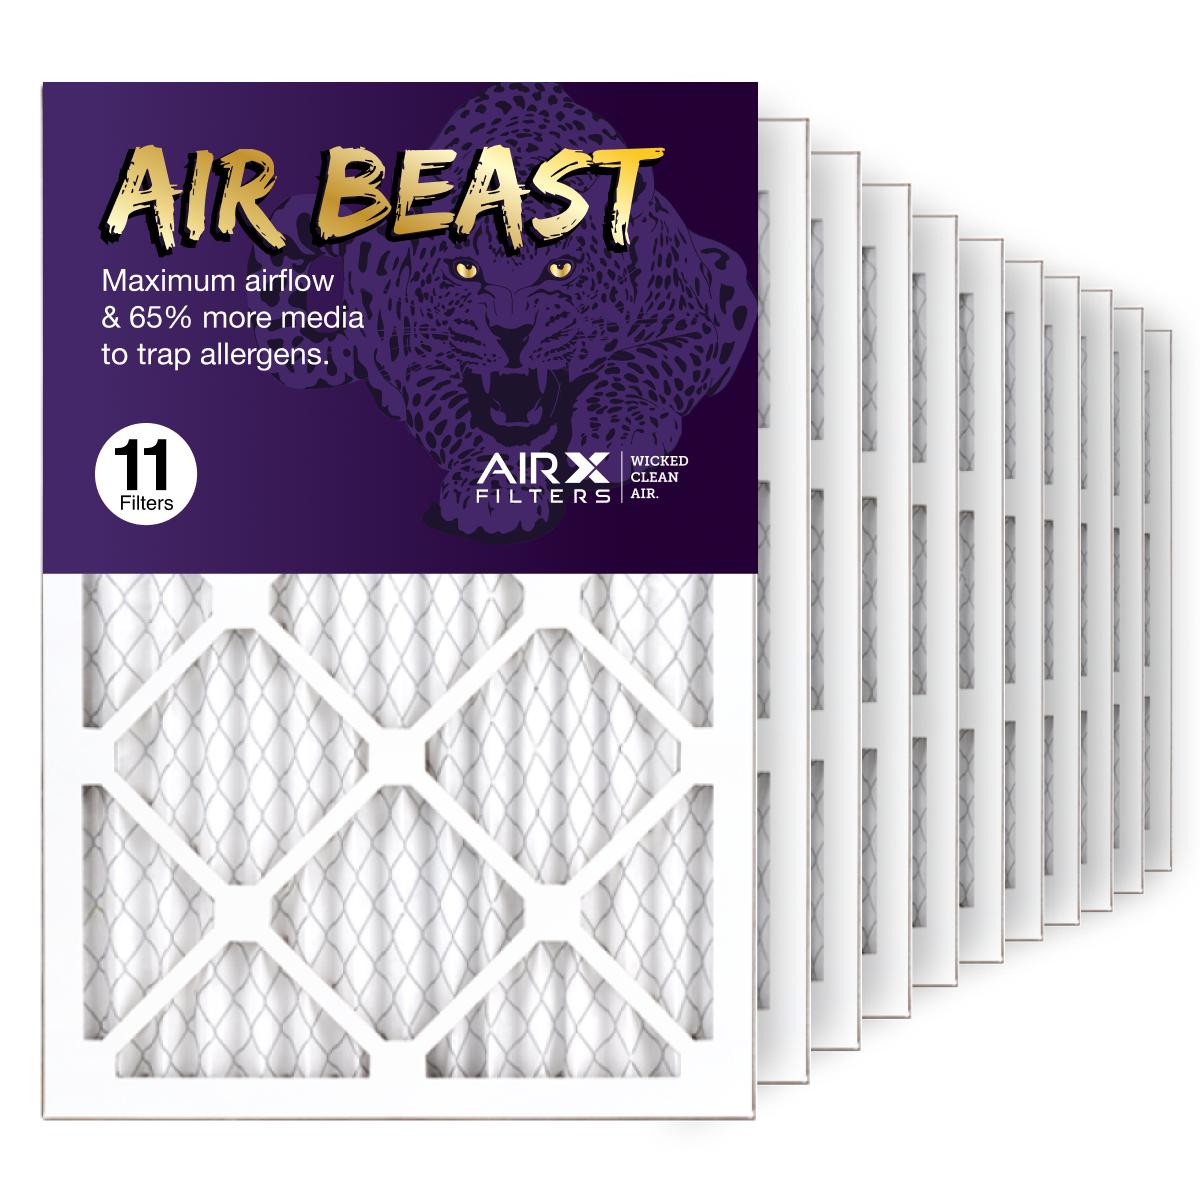 14x20x1 AIRx Air Beast High Flow Air Filter, 11-Pack